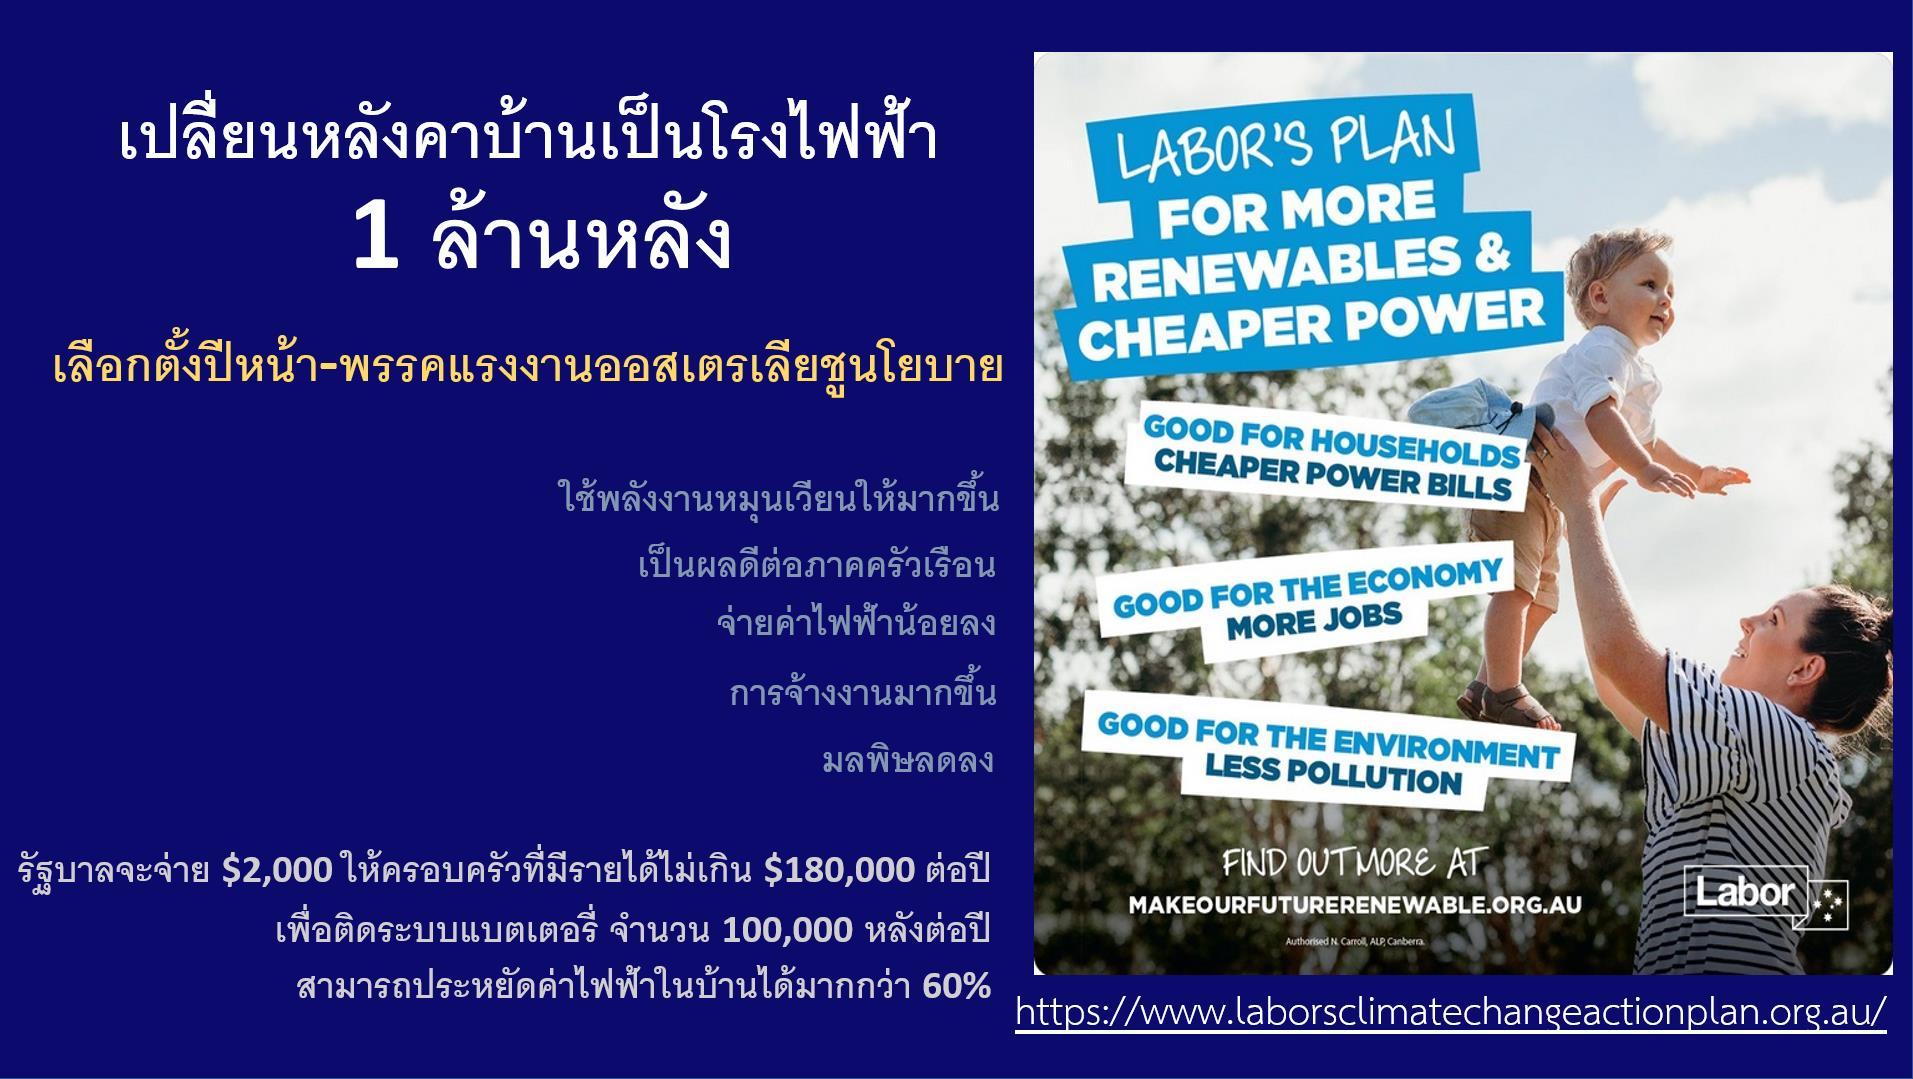 """""""เปลี่ยนหลังคาบ้านเป็นโรงไฟฟ้า 1 ล้านหลัง"""" : พรรคแรงงานออสเตรเลีย-ชูเลือกตั้งปีหน้า"""